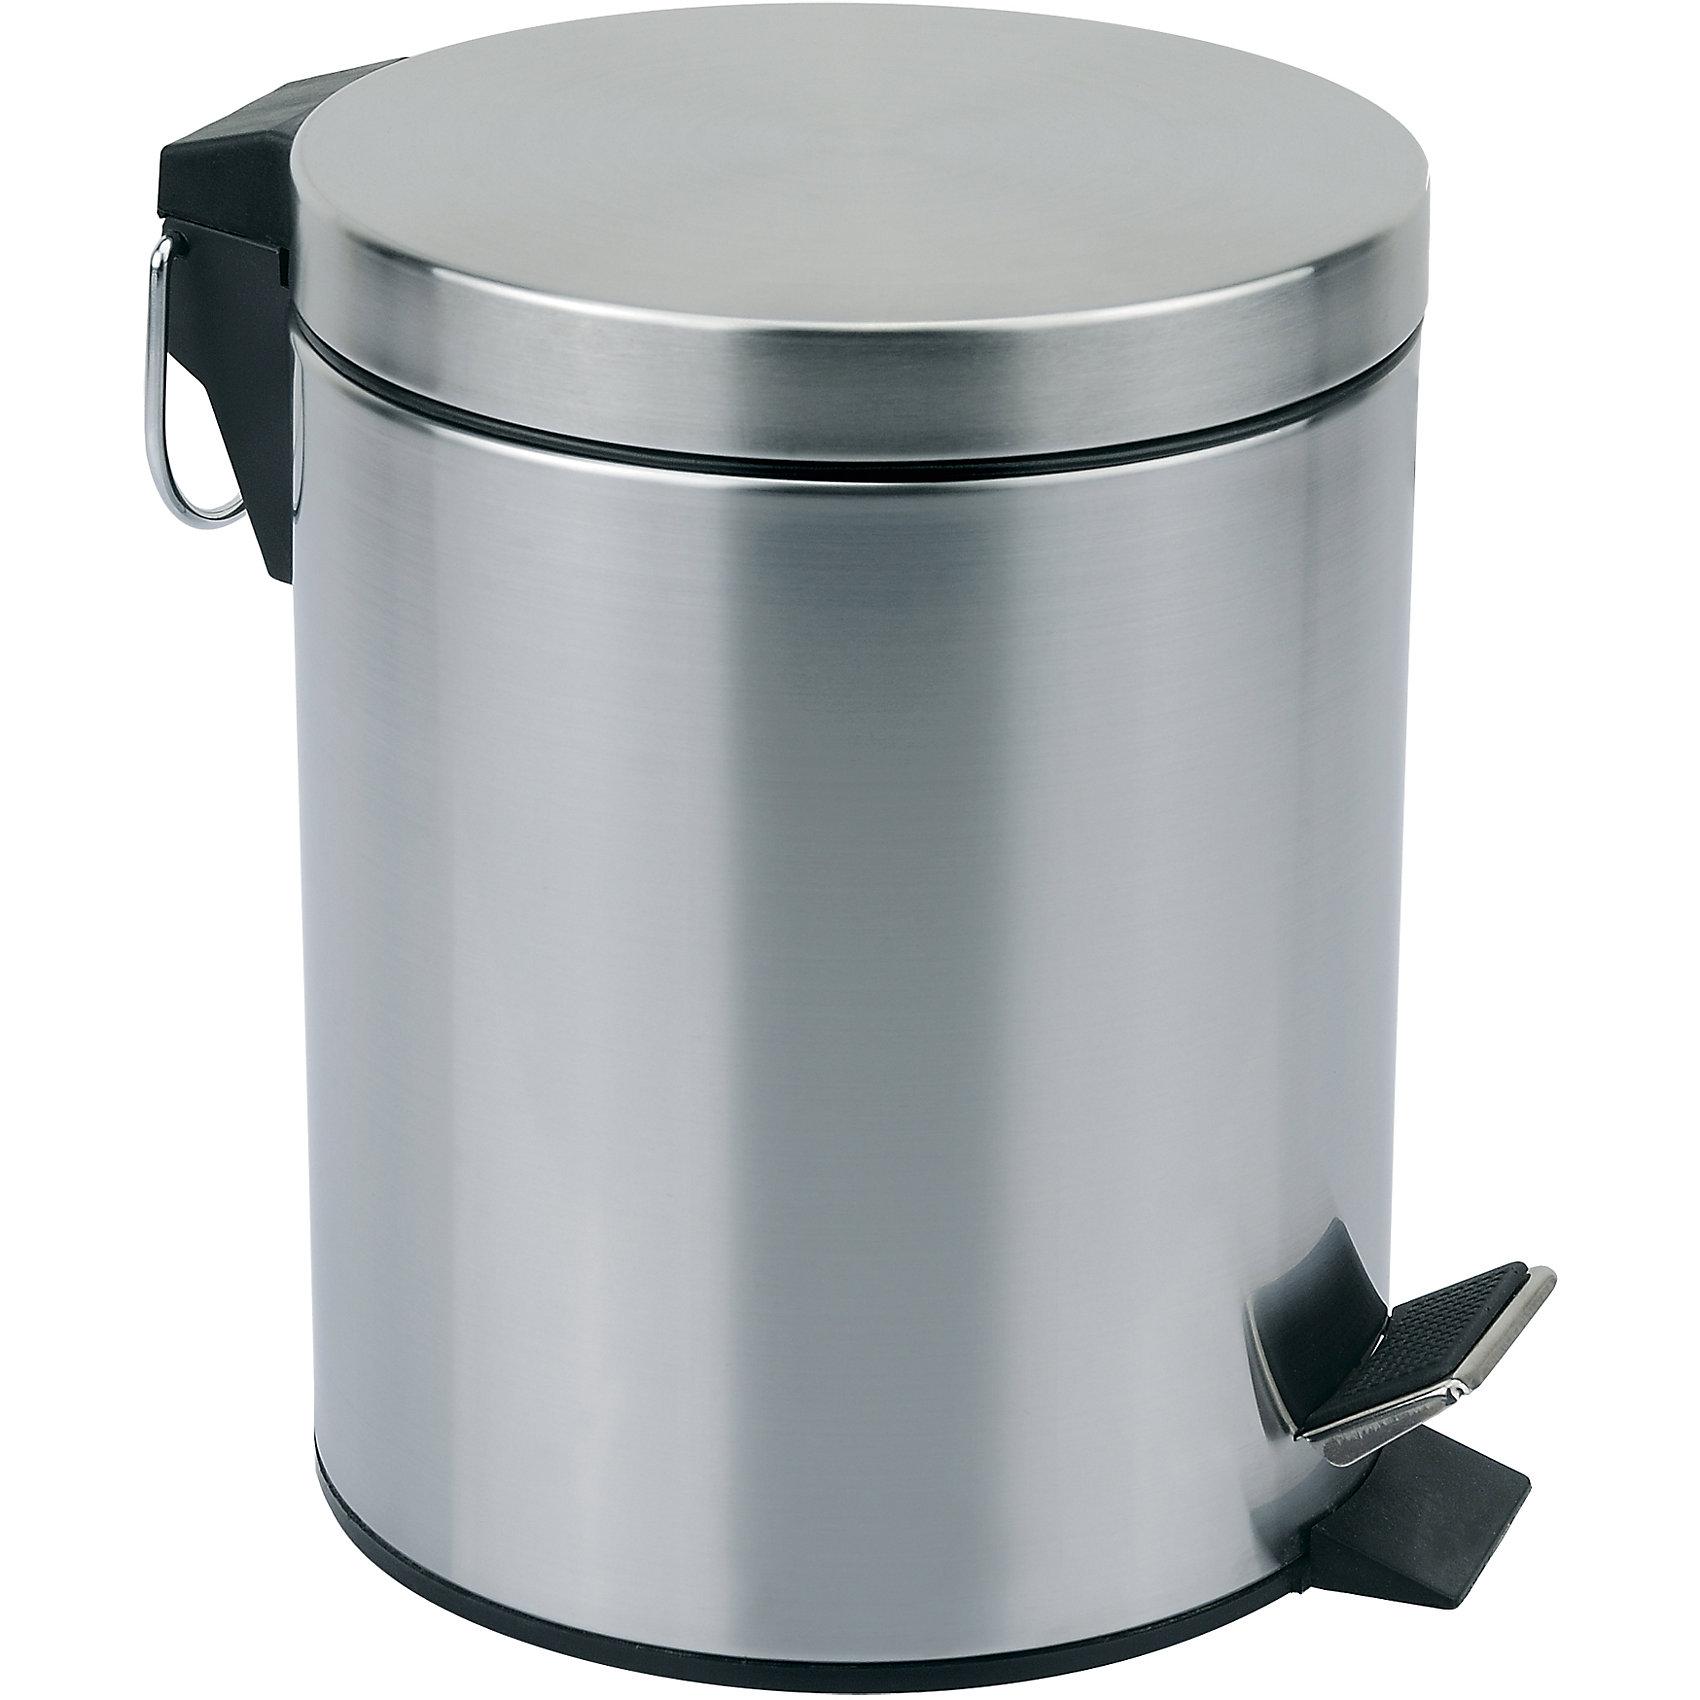 Ведро для мусора круглое DBM-01-12, тм Mallony 12 л, MallonyПорядок в детской<br>Ведро для мусора круглое DBM-01-12, тм Mallony 12 л, Mallony (Маллони)<br><br>Характеристики:<br><br>• стильный дизайн<br>• удобная педаль<br>• круглая форма<br>• объем: 12 л<br>• размер: 25,3х37,5 см<br>• материал: нержавеющая сталь, пластик<br>• размер упаковки: 40х27х28 см<br>• вес: 2065 грамм<br><br>Ведро для мусора DBM-01-12 очень удобно в использовании. Оно оснащено откидной крышкой, которая открывается при нажатии на педаль, без помощи рук. Ведро отличается стильным дизайном с матовой поверхностью. Корпус ведра выполнен из нержавеющей стали.<br><br>Ведро для мусора круглое DBM-01-12, тм Mallony 12 л, Mallony (Маллони) вы можете купить в нашем интернет-магазине.<br><br>Ширина мм: 280<br>Глубина мм: 270<br>Высота мм: 400<br>Вес г: 2065<br>Возраст от месяцев: 216<br>Возраст до месяцев: 1188<br>Пол: Унисекс<br>Возраст: Детский<br>SKU: 5622852